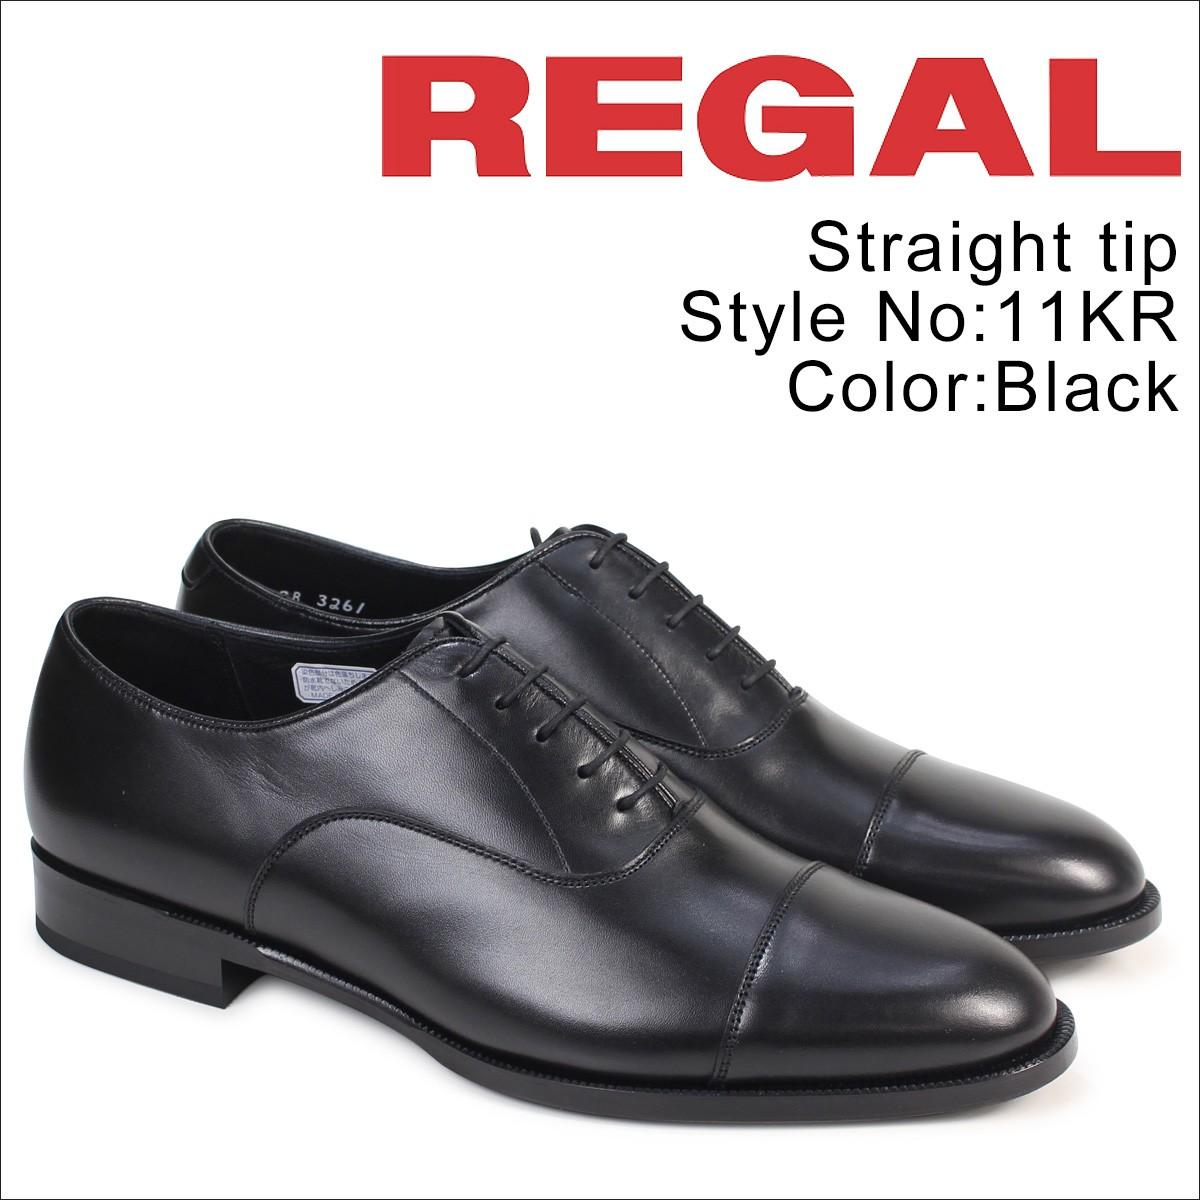 リーガル 靴 メンズ REGAL ストレートチップ 11KRBD ビジネスシューズ 日本製 ブラック [1/13 追加入荷]